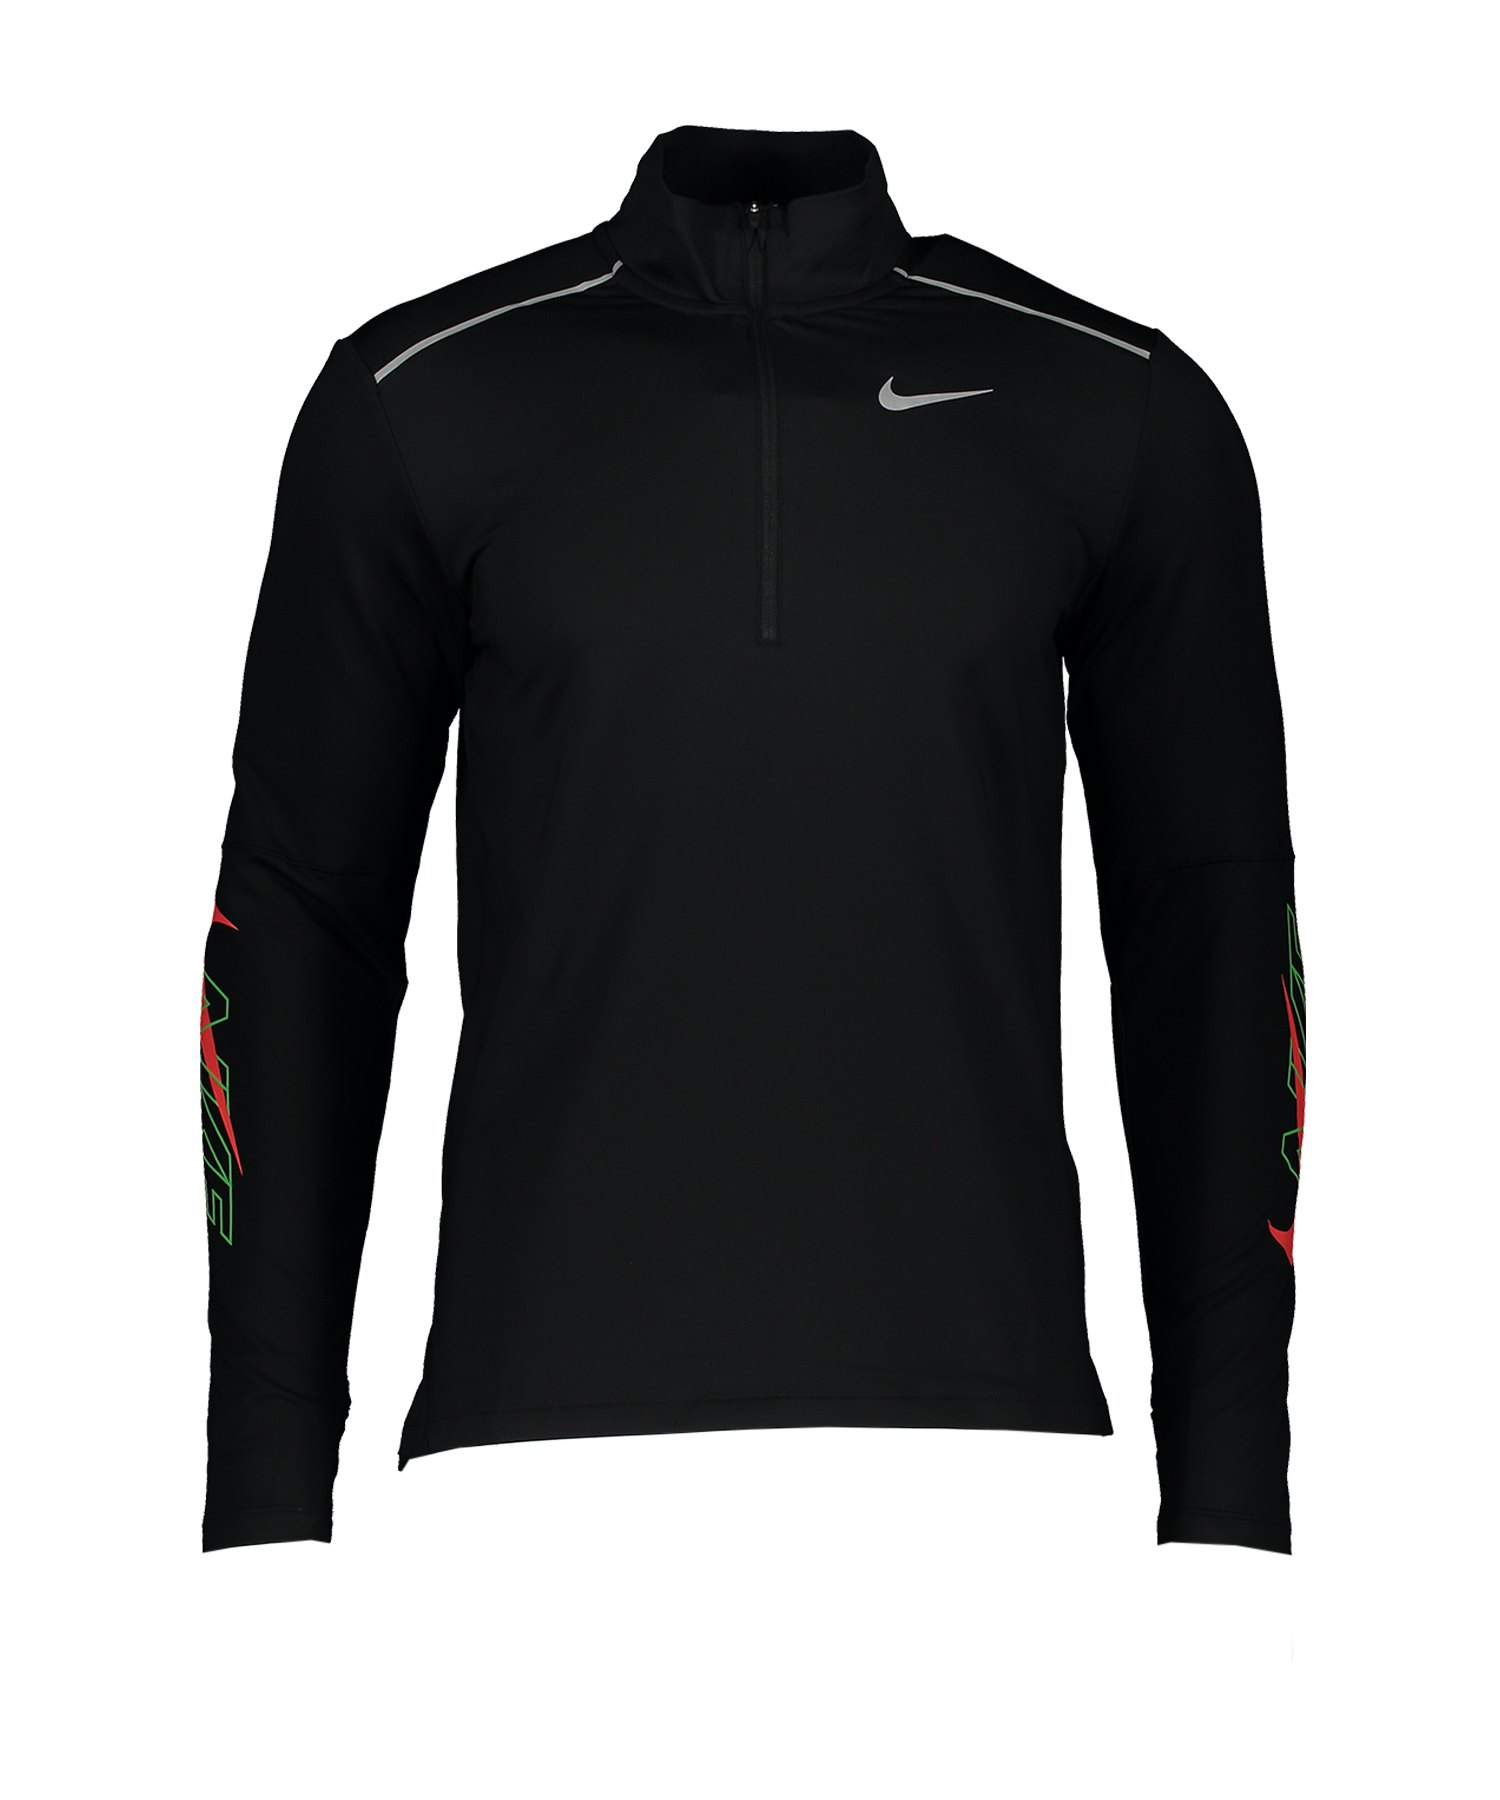 Nike Element Running 1/2-Zip Top langarm F010 - schwarz